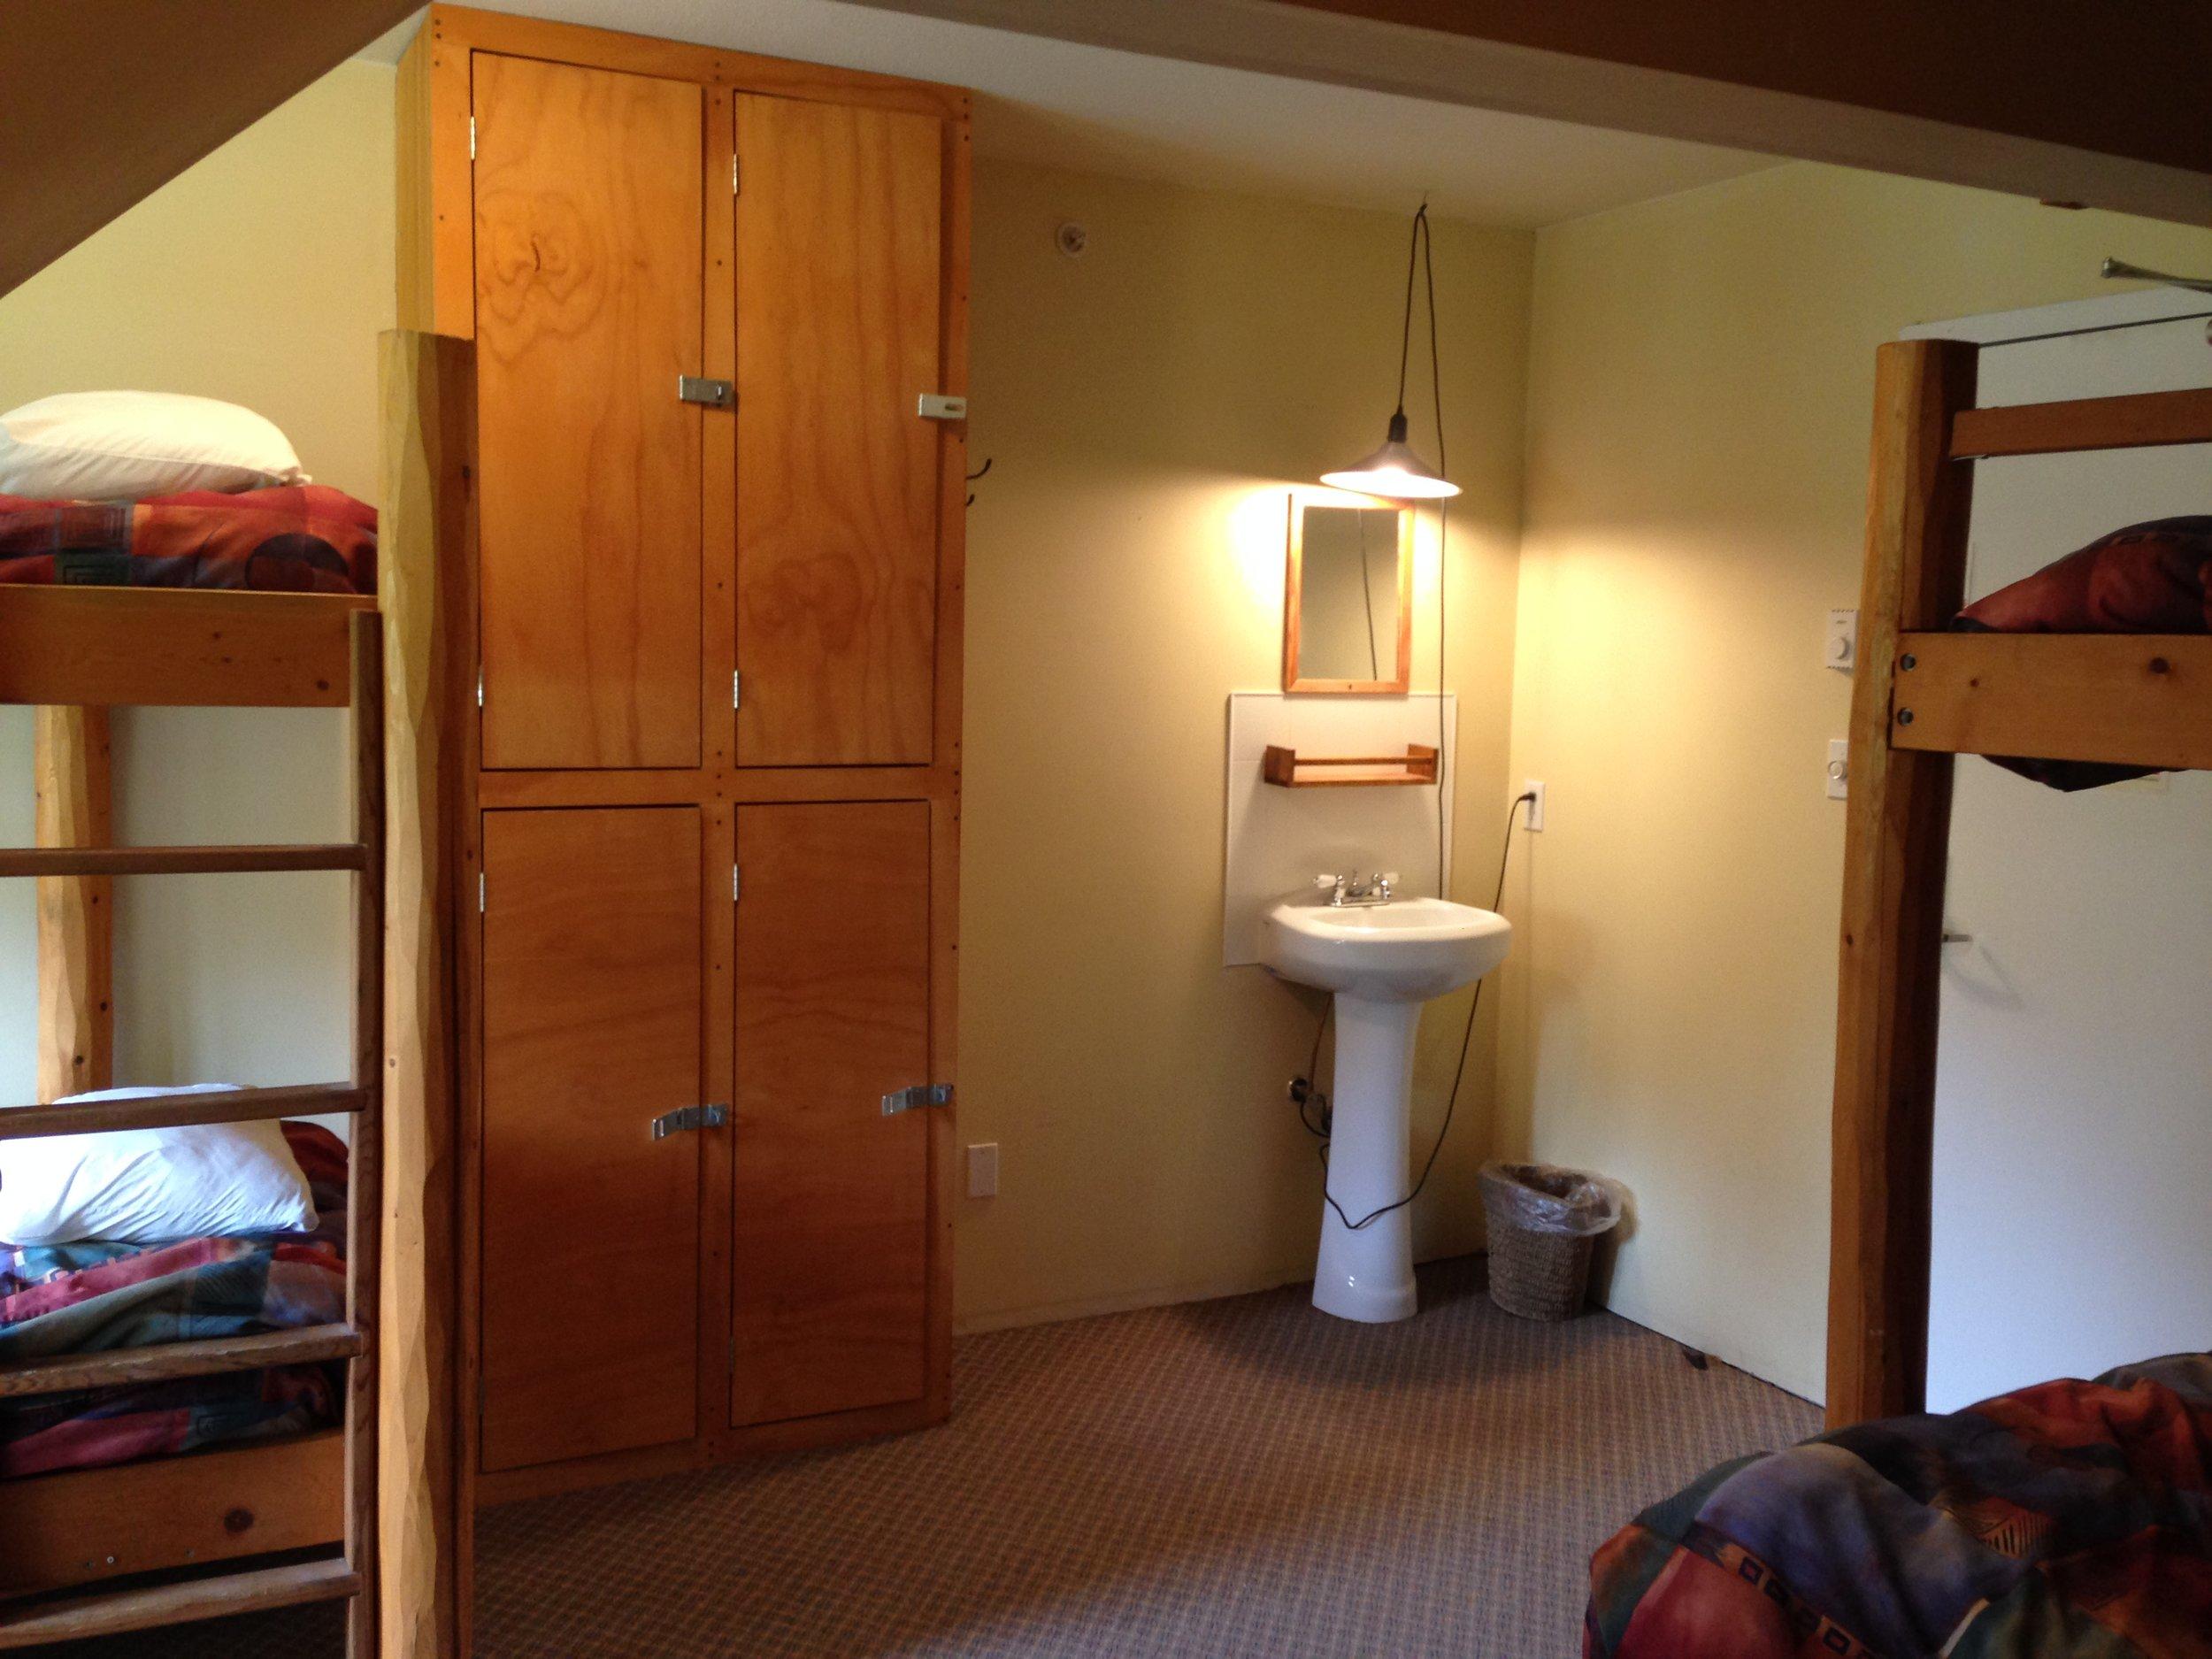 Room 307 sink.jpeg